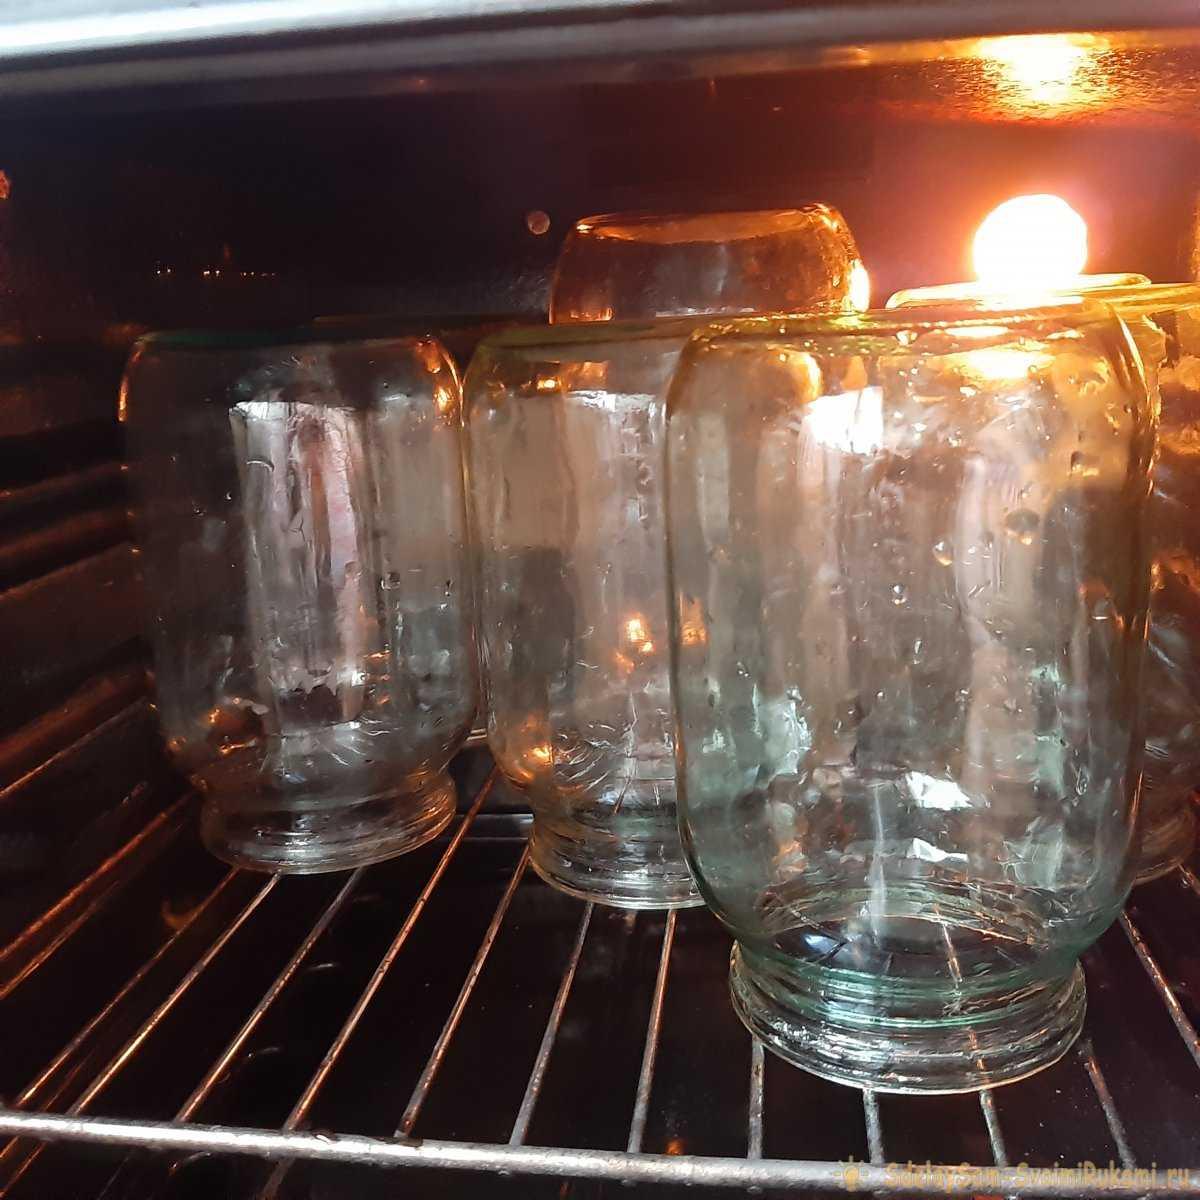 Стерилизация банок в духовке электрической - температура, режим и время